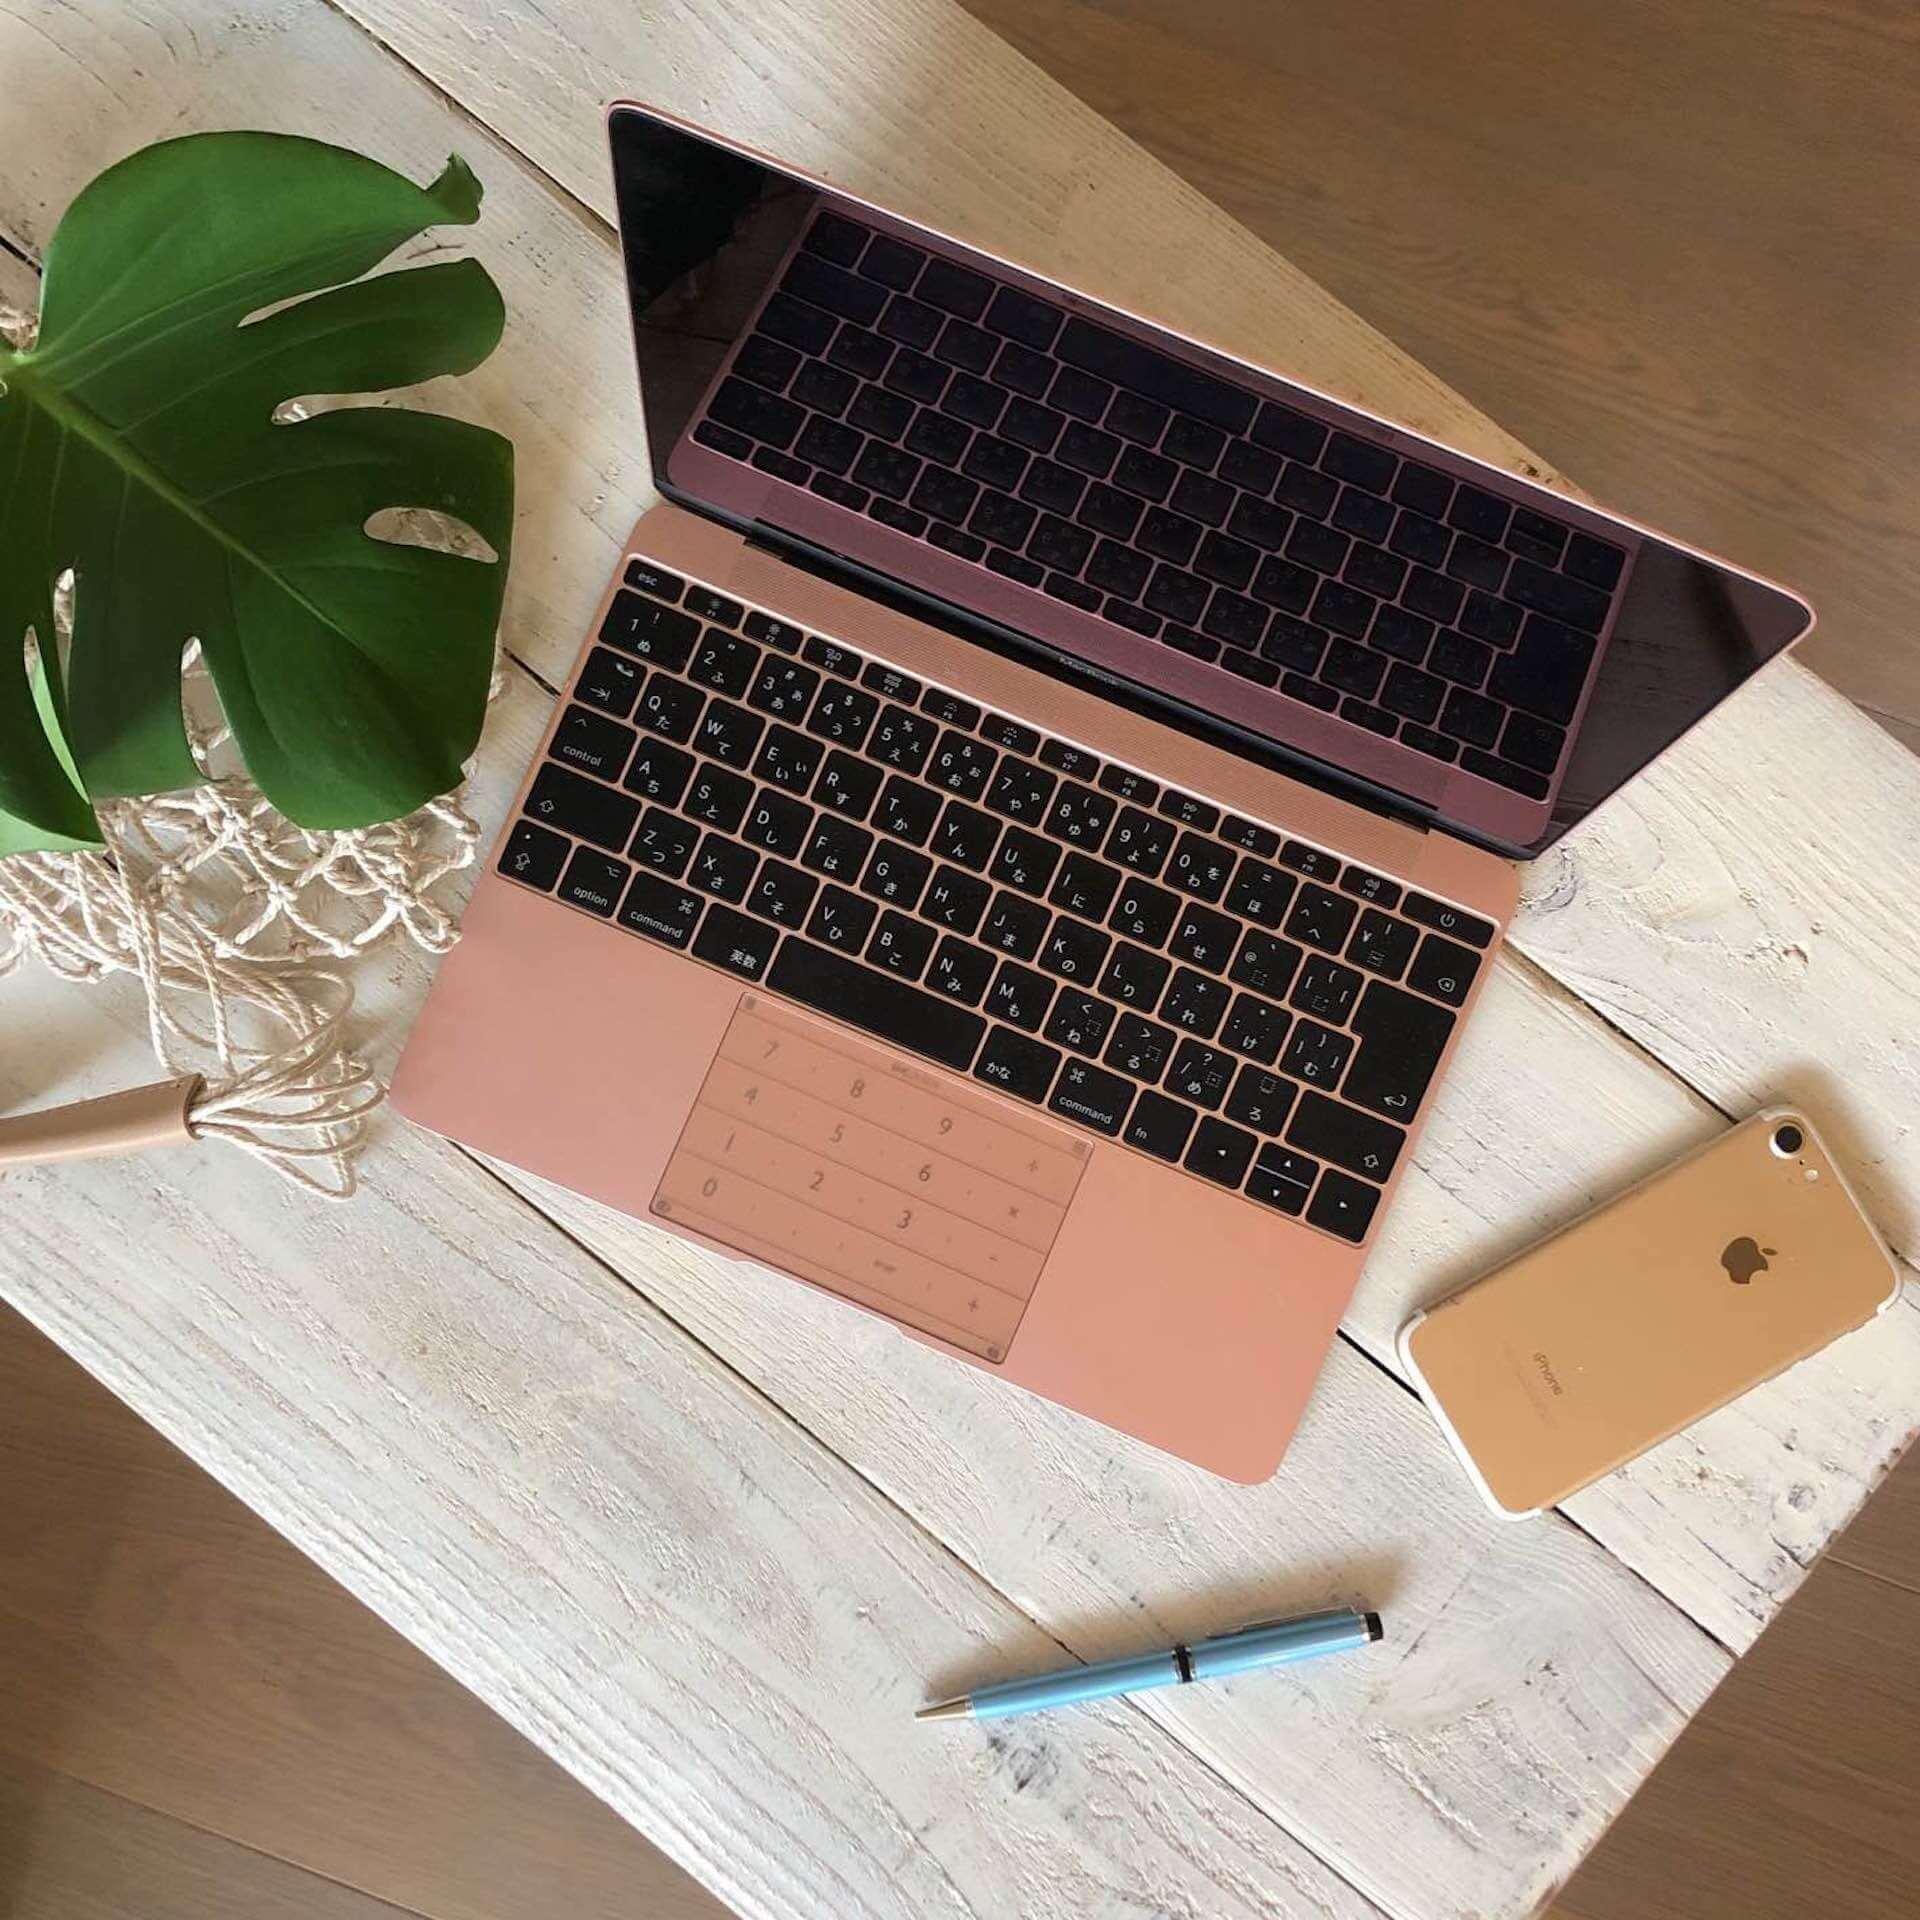 トラックパッドがそのままテンキーに!MacBook/Surfaceで使える「Nums」が登場 technology190819nums_4-1920x1920